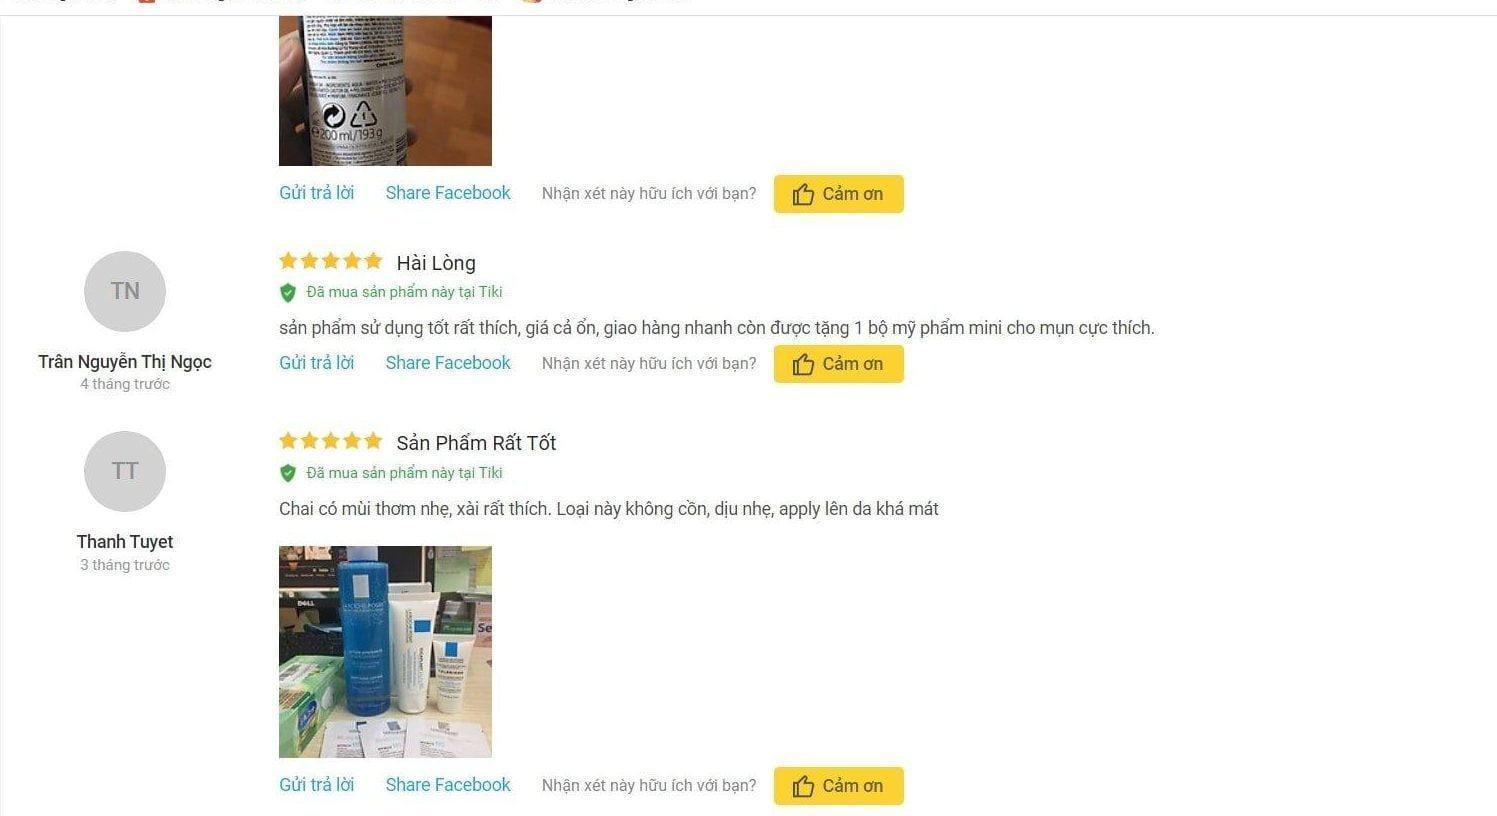 Đánh giá của khách hàng trên trang Tiki. (nguồn: BlogAnChoi)